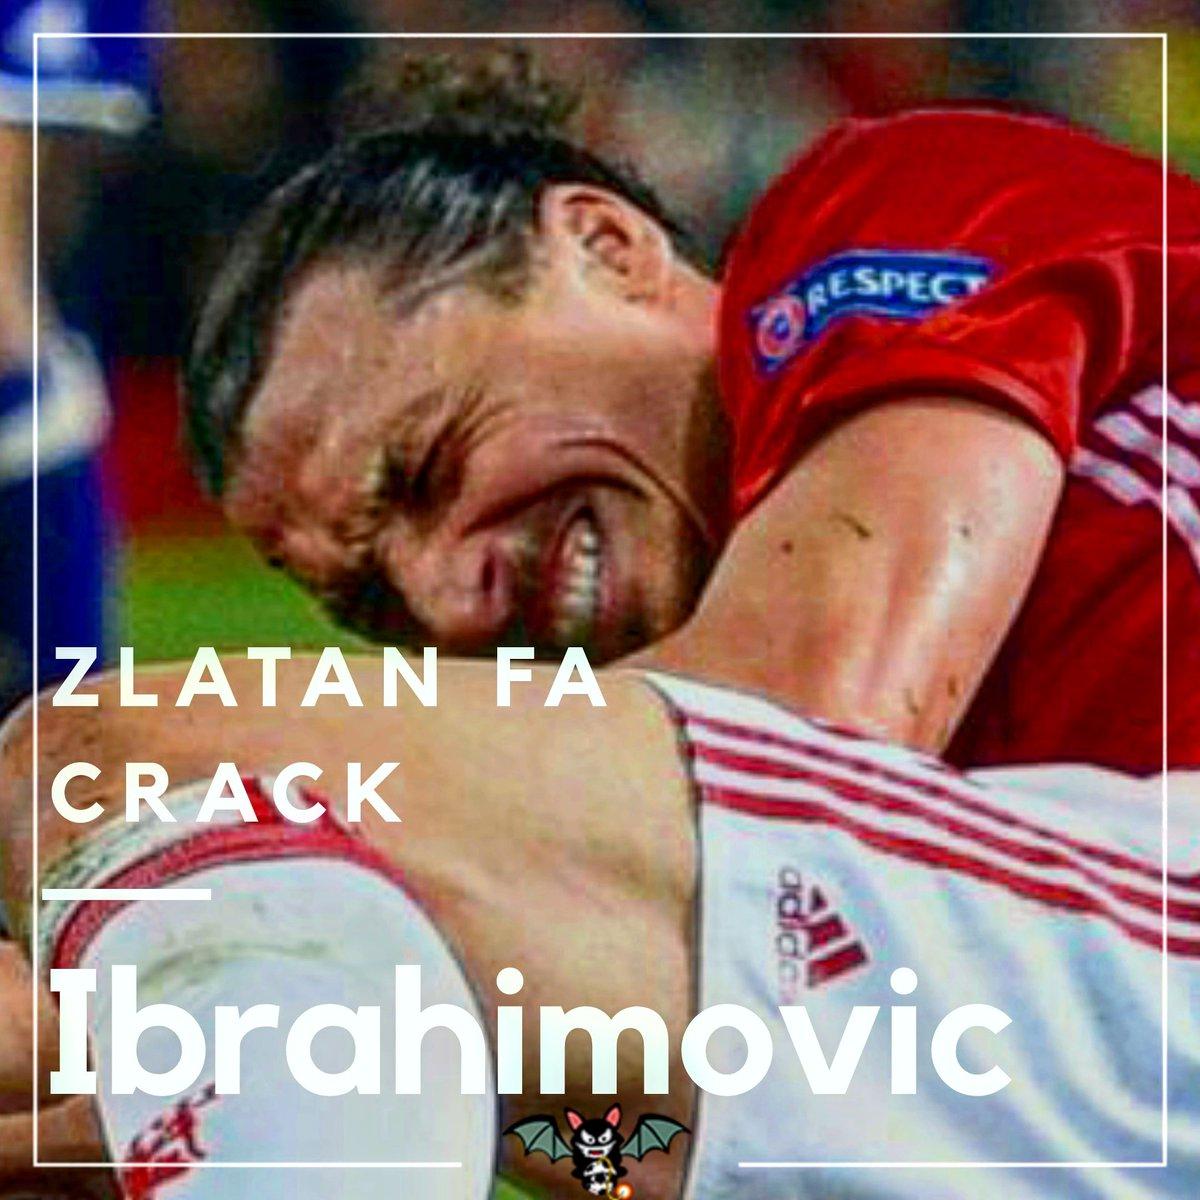 #Ibrahimovic